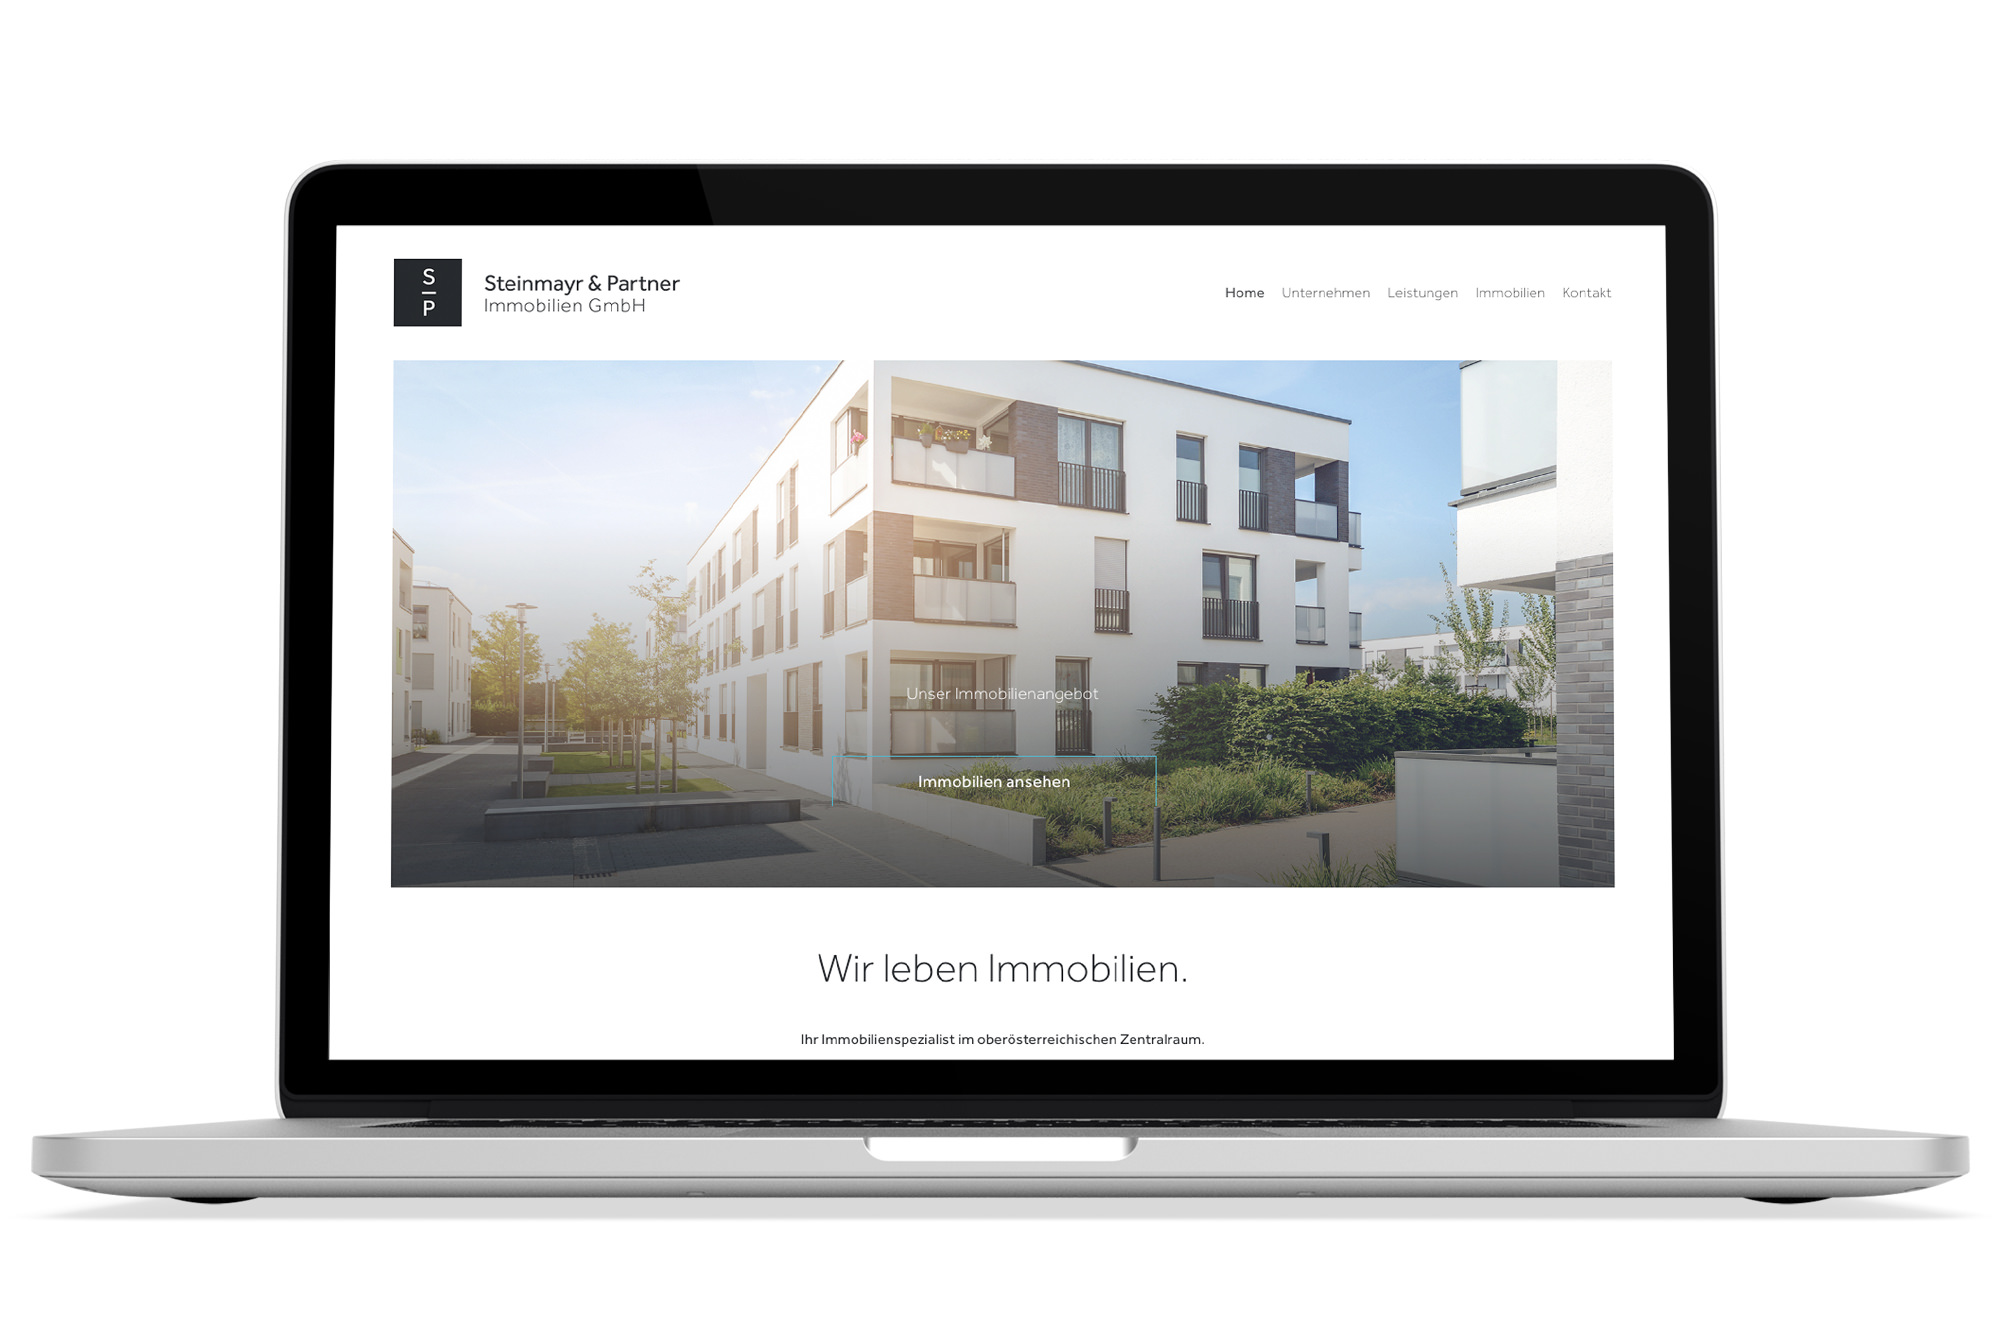 Webdesign Beispiel: Logodesign, Responsive Webdesign für Immobilienmakler